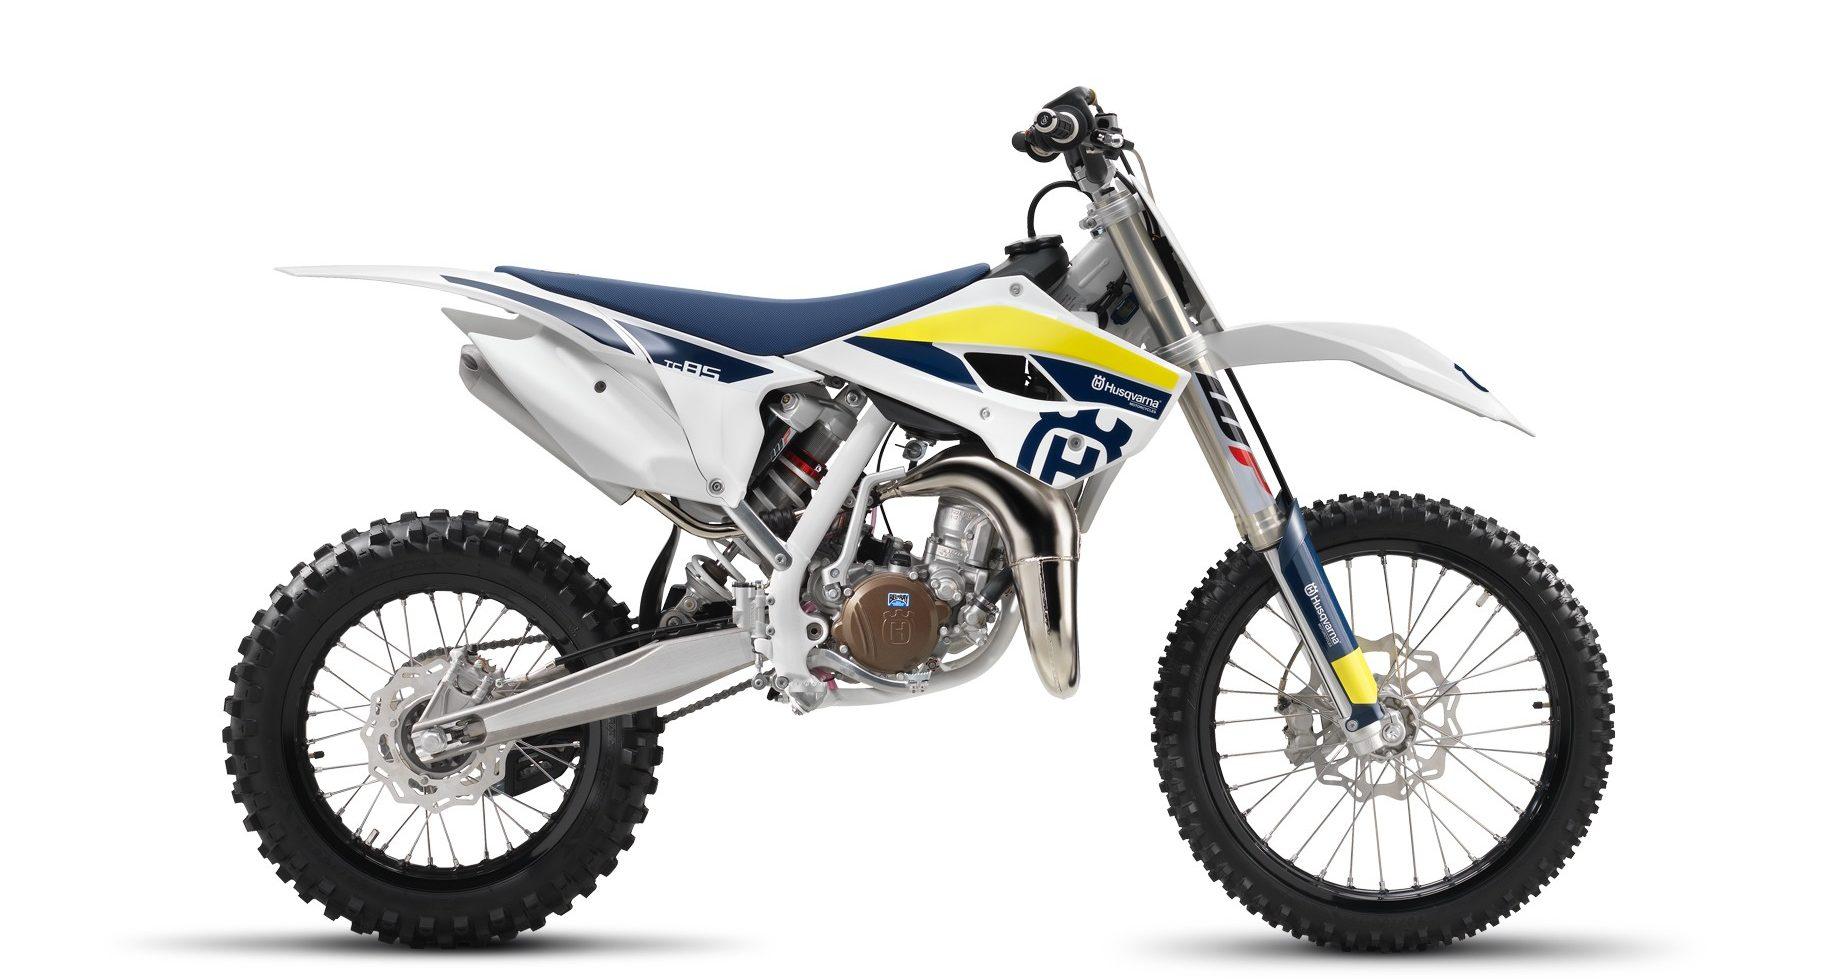 KTM//Husqvarna Moteur Protection SX 85 2018 TC 85 2018 ACERBIS